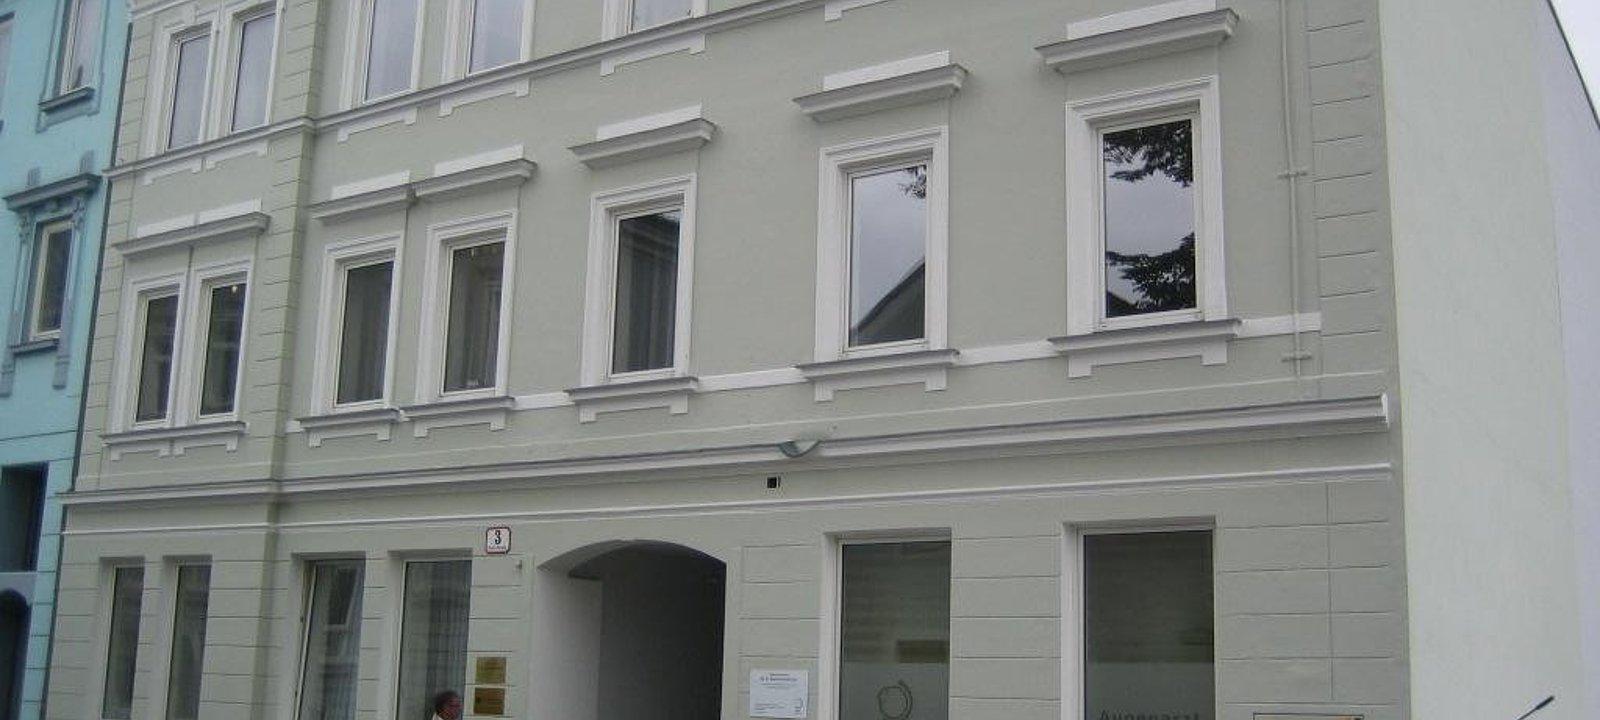 Ins Hausfassade Rablstrassse 3